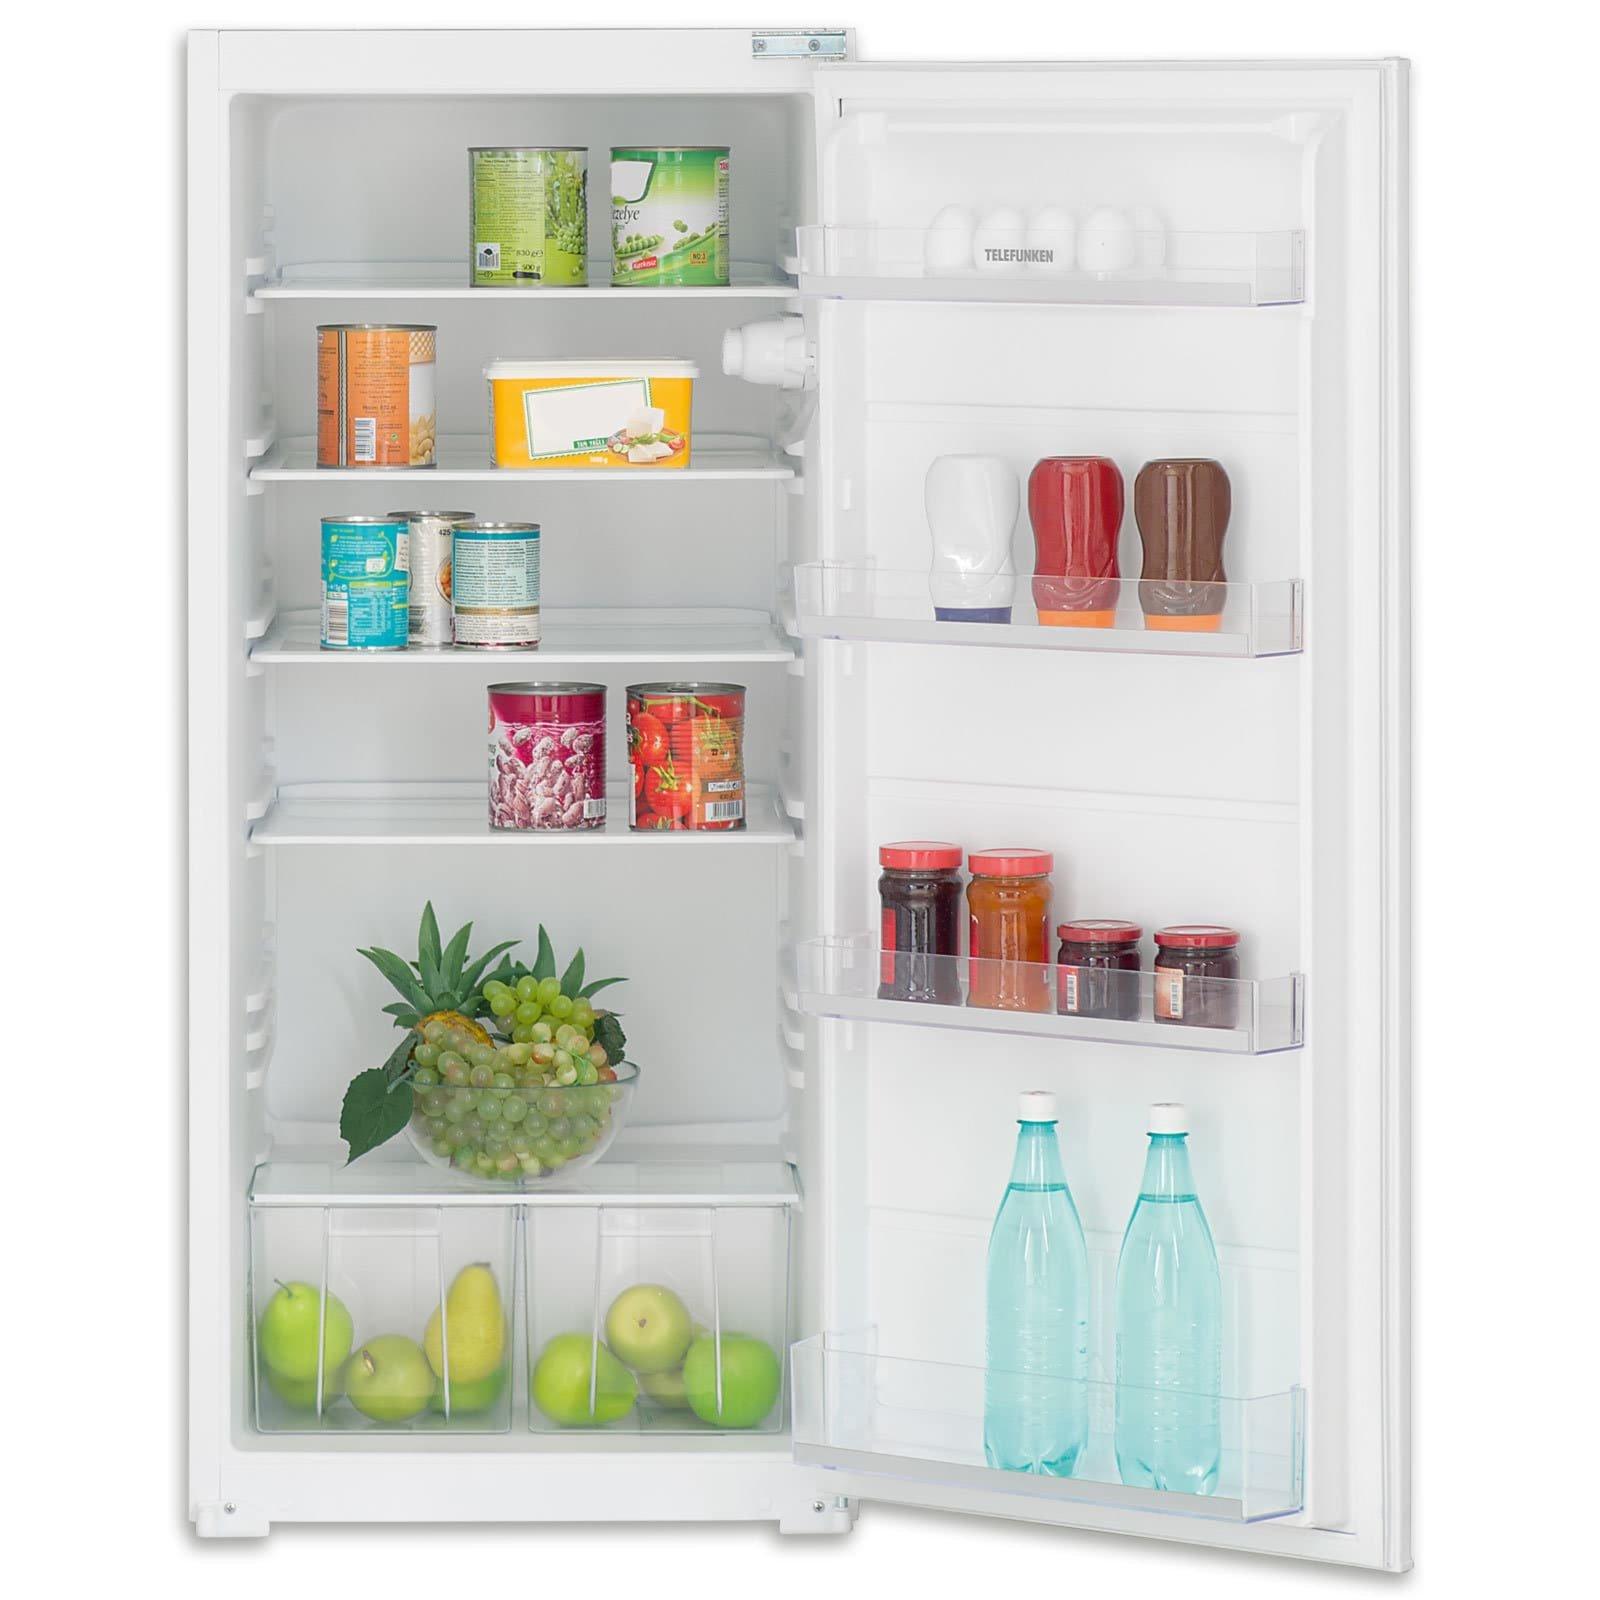 TELEFUNKEN Einbau-Kühlschrank TFEVKS123X10 - A++ | Kühlschränke ...